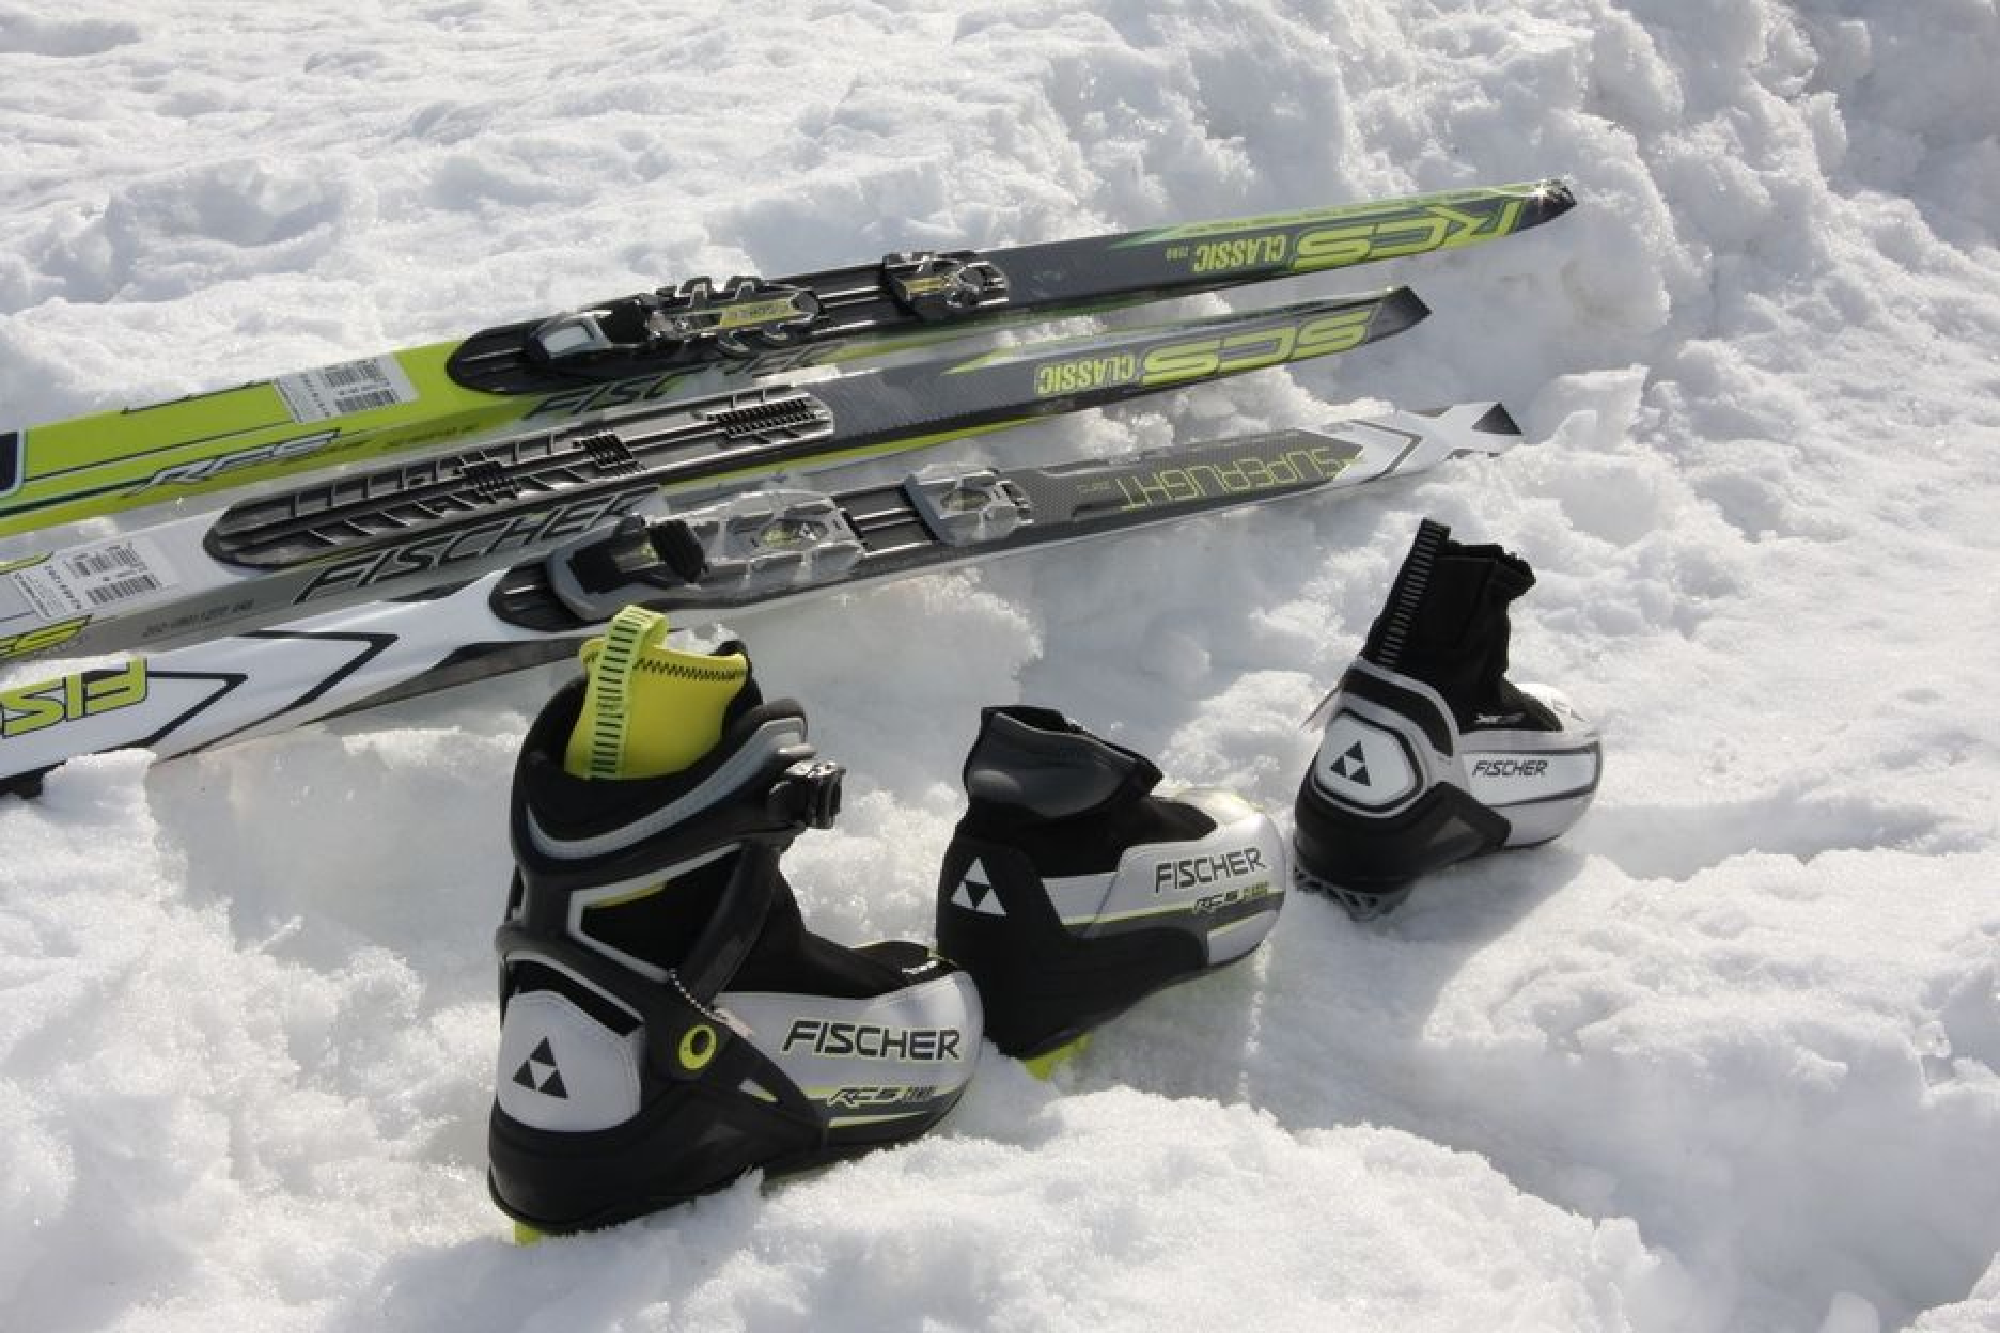 Både langrennsski og skisko har blitt vesentlig utviklet de siste årene. Skiene er blitt lettere og spenstigere, og skiskoene gir bedre stabilitet, spesielt kombiskoene som flere og flere velger.